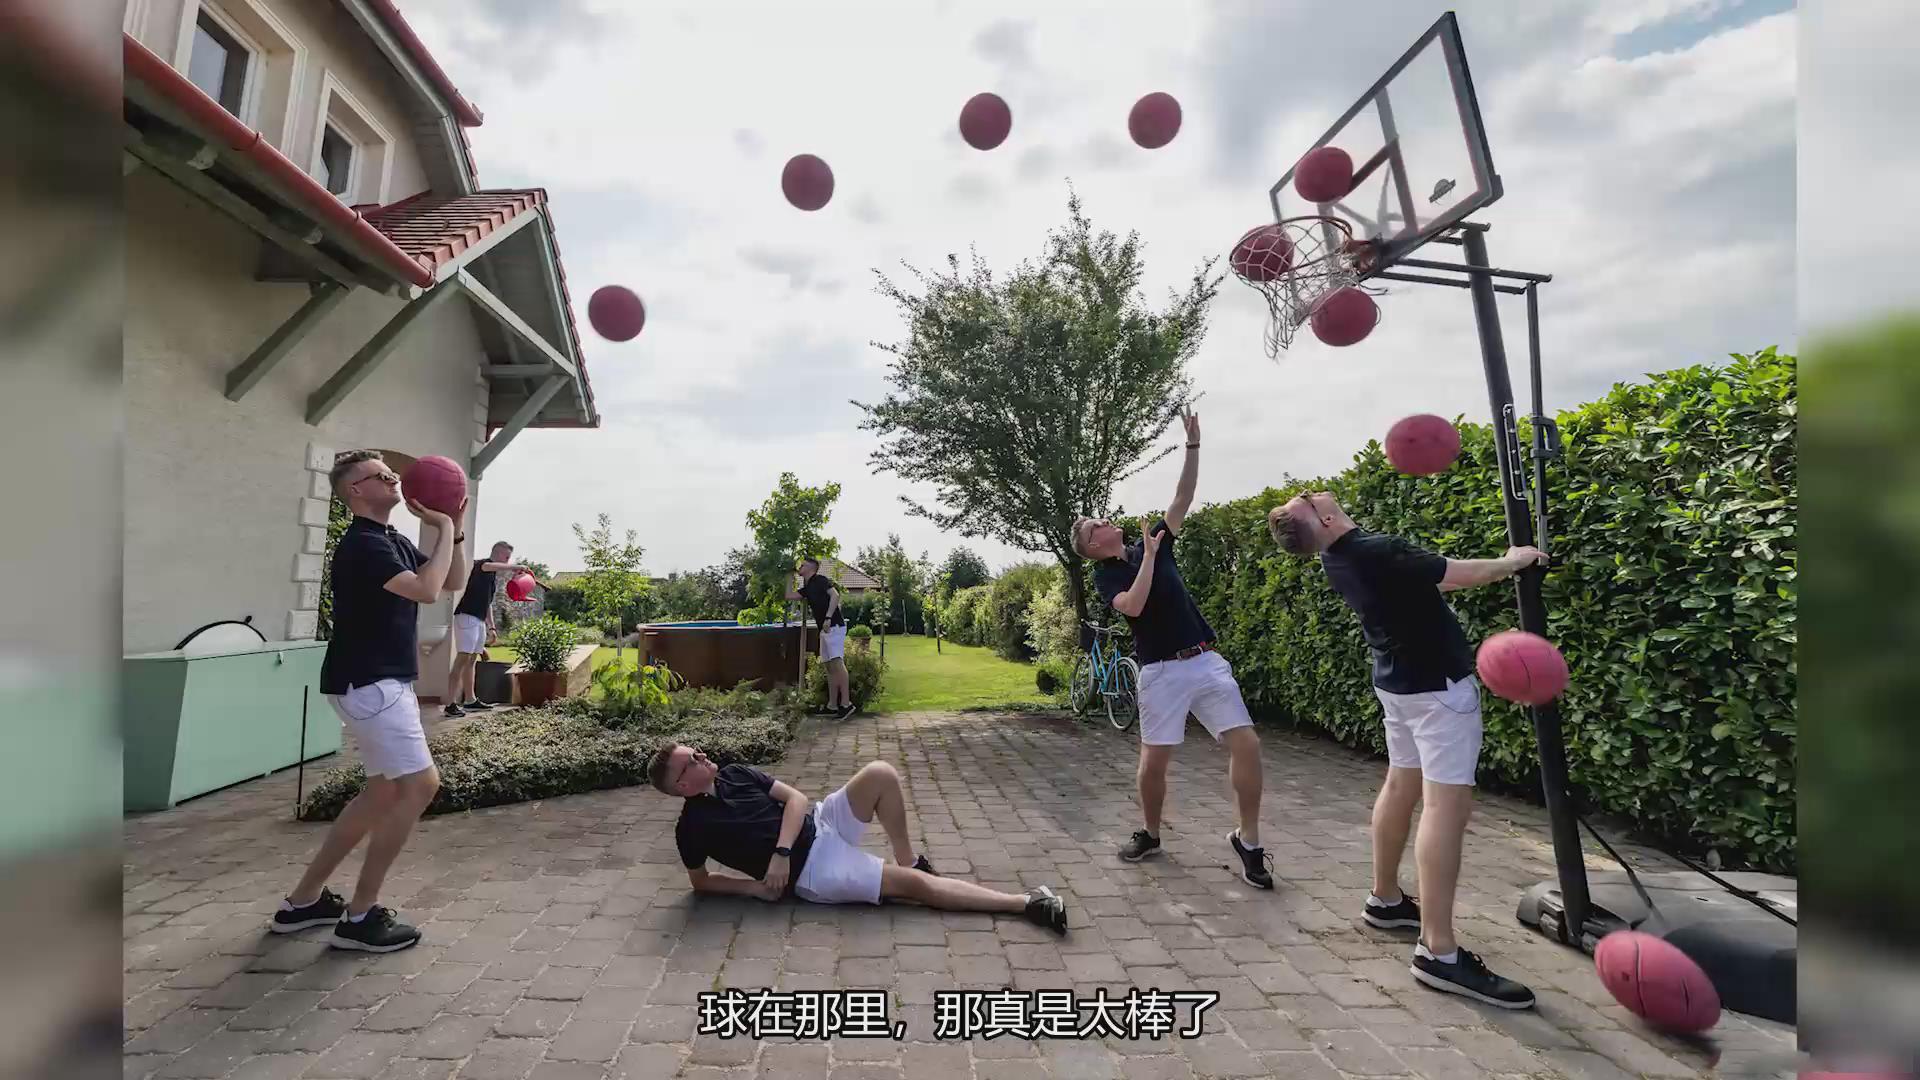 摄影教程_JOSHUA DUNLOP-30天创意摄影产品项目视频课程-中文字幕 摄影教程 _预览图17